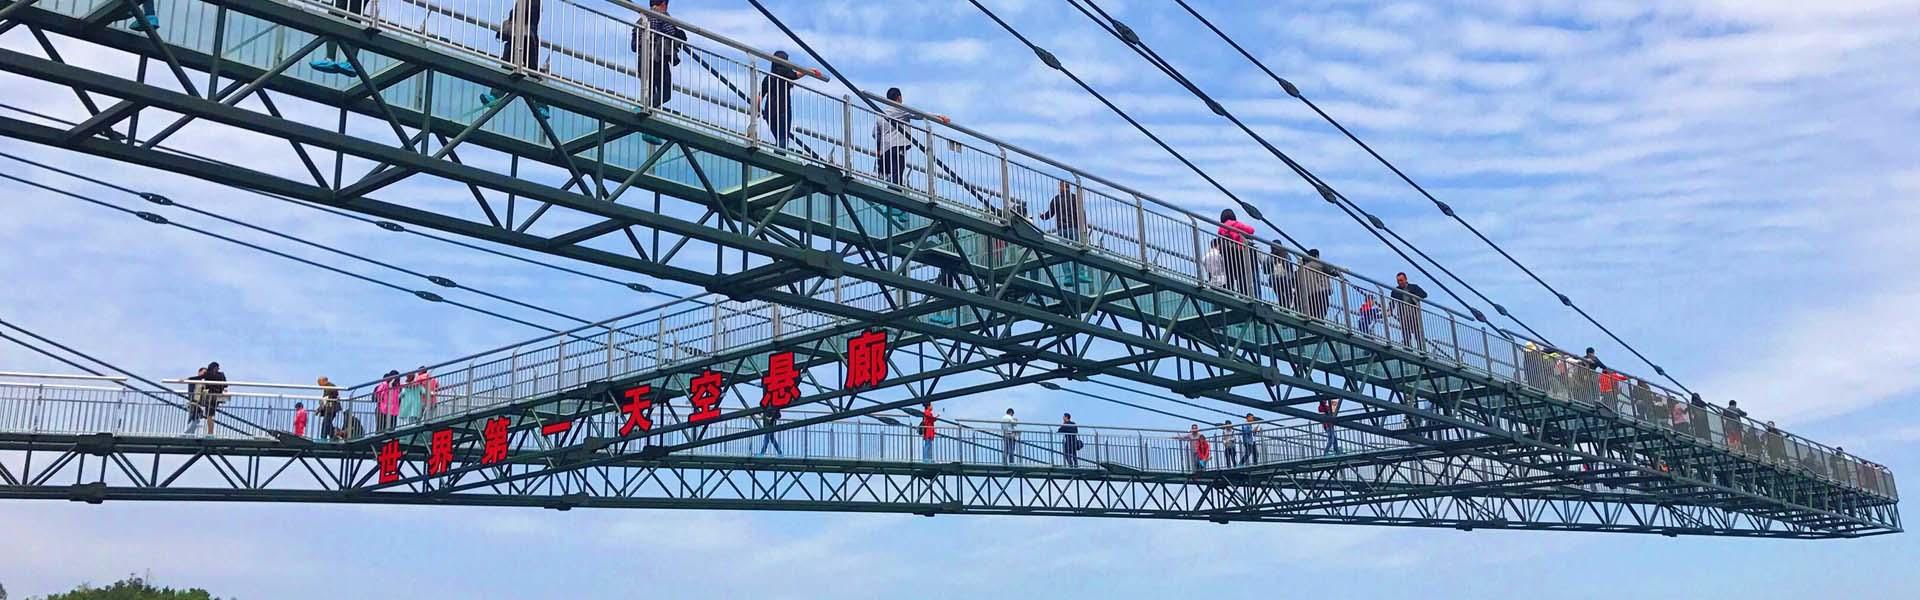 重庆超级长步梯有哪些  重庆超级长步梯在哪儿